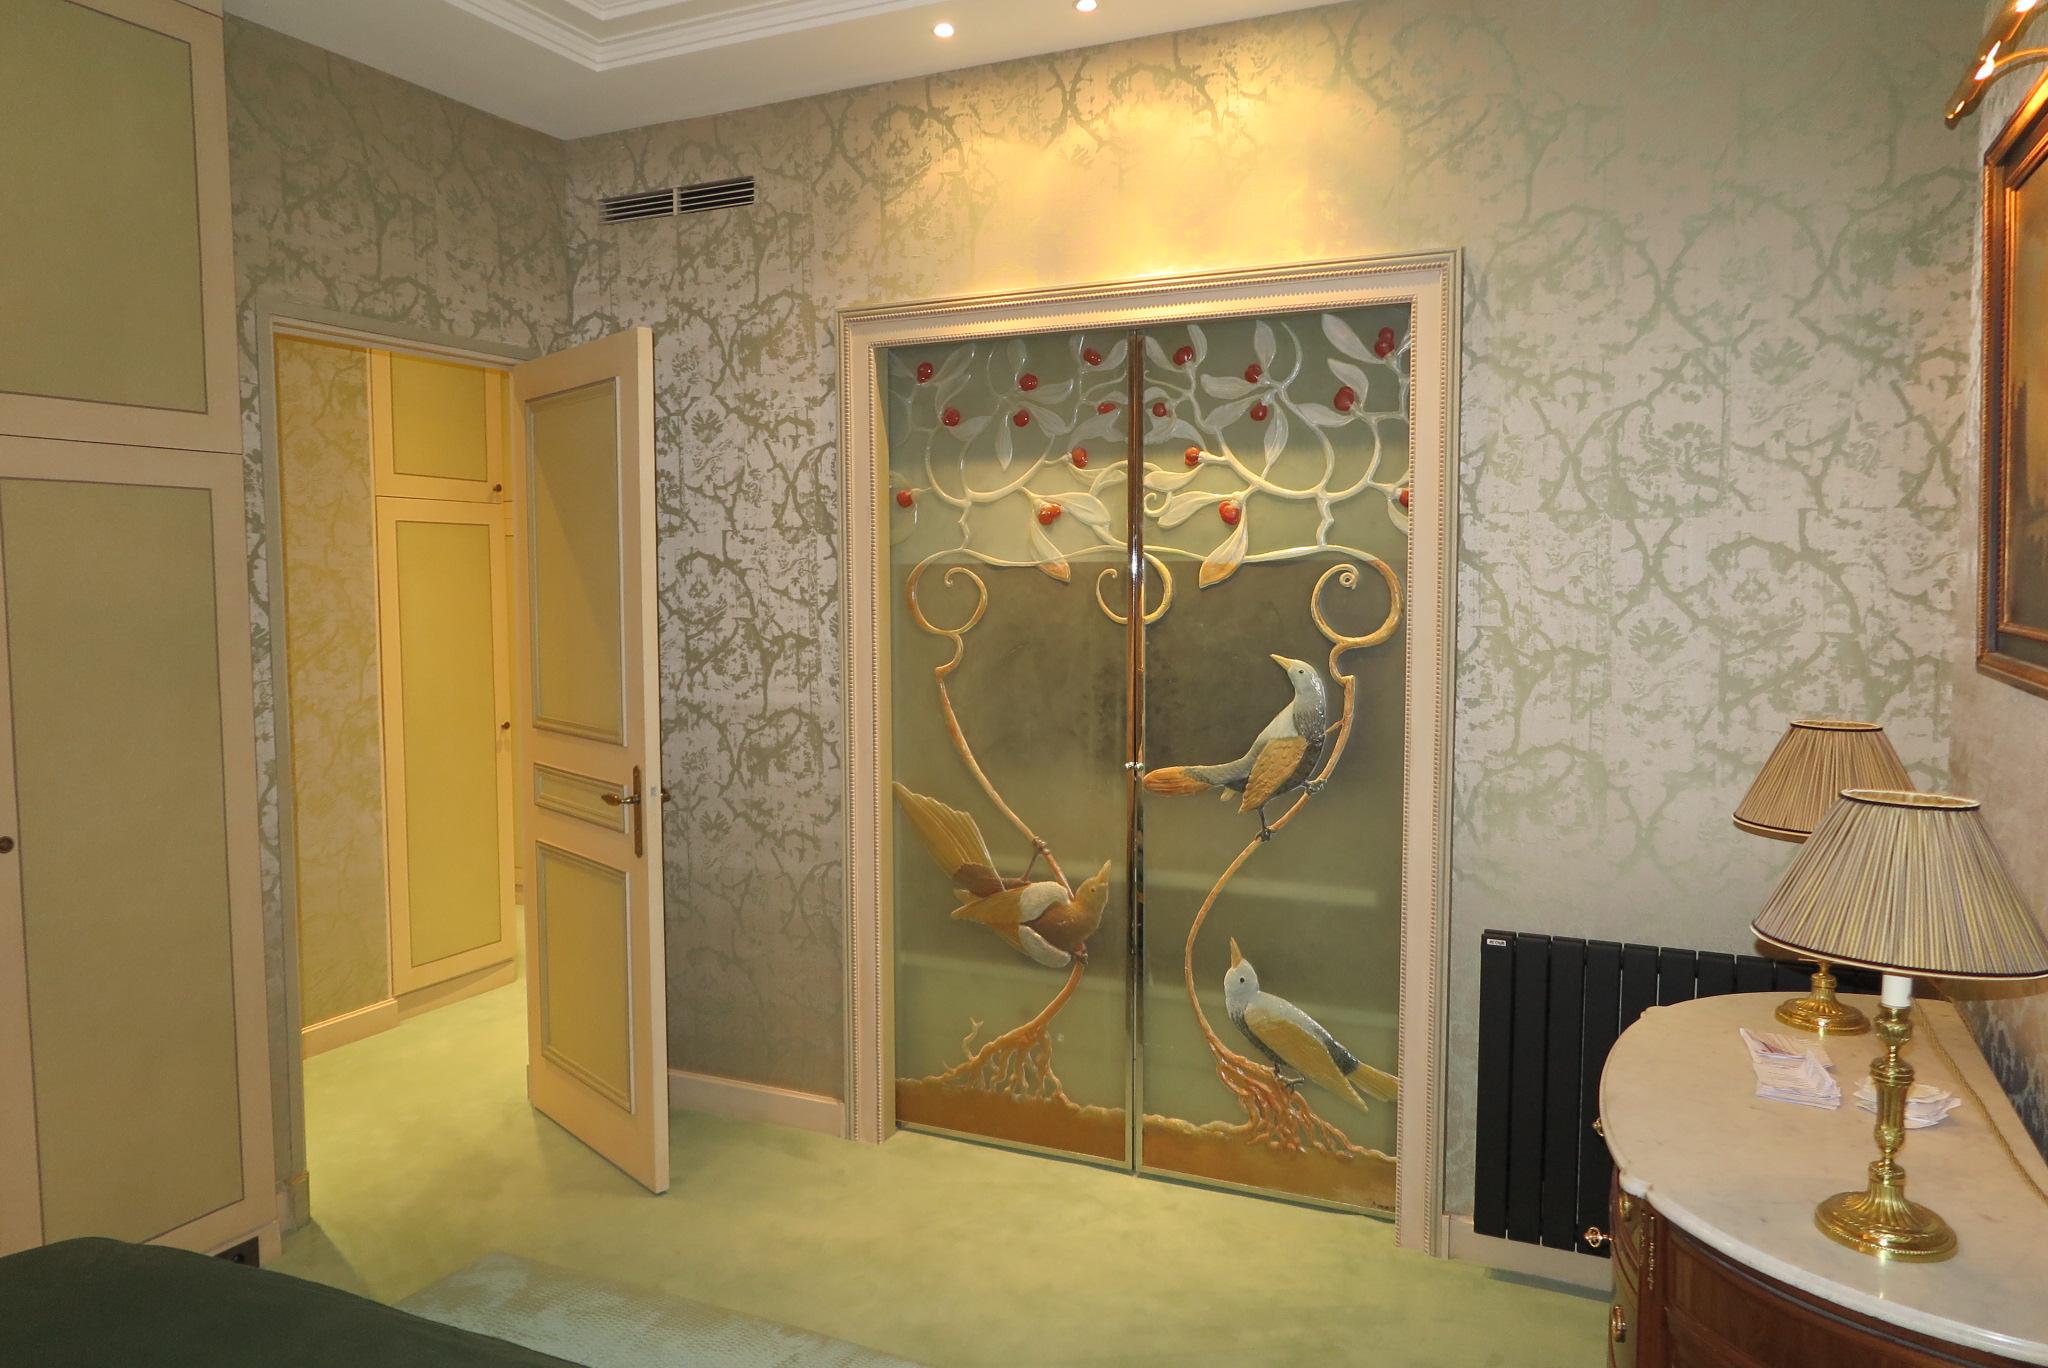 Tenture murale en soie for Tapisserie murale de luxe